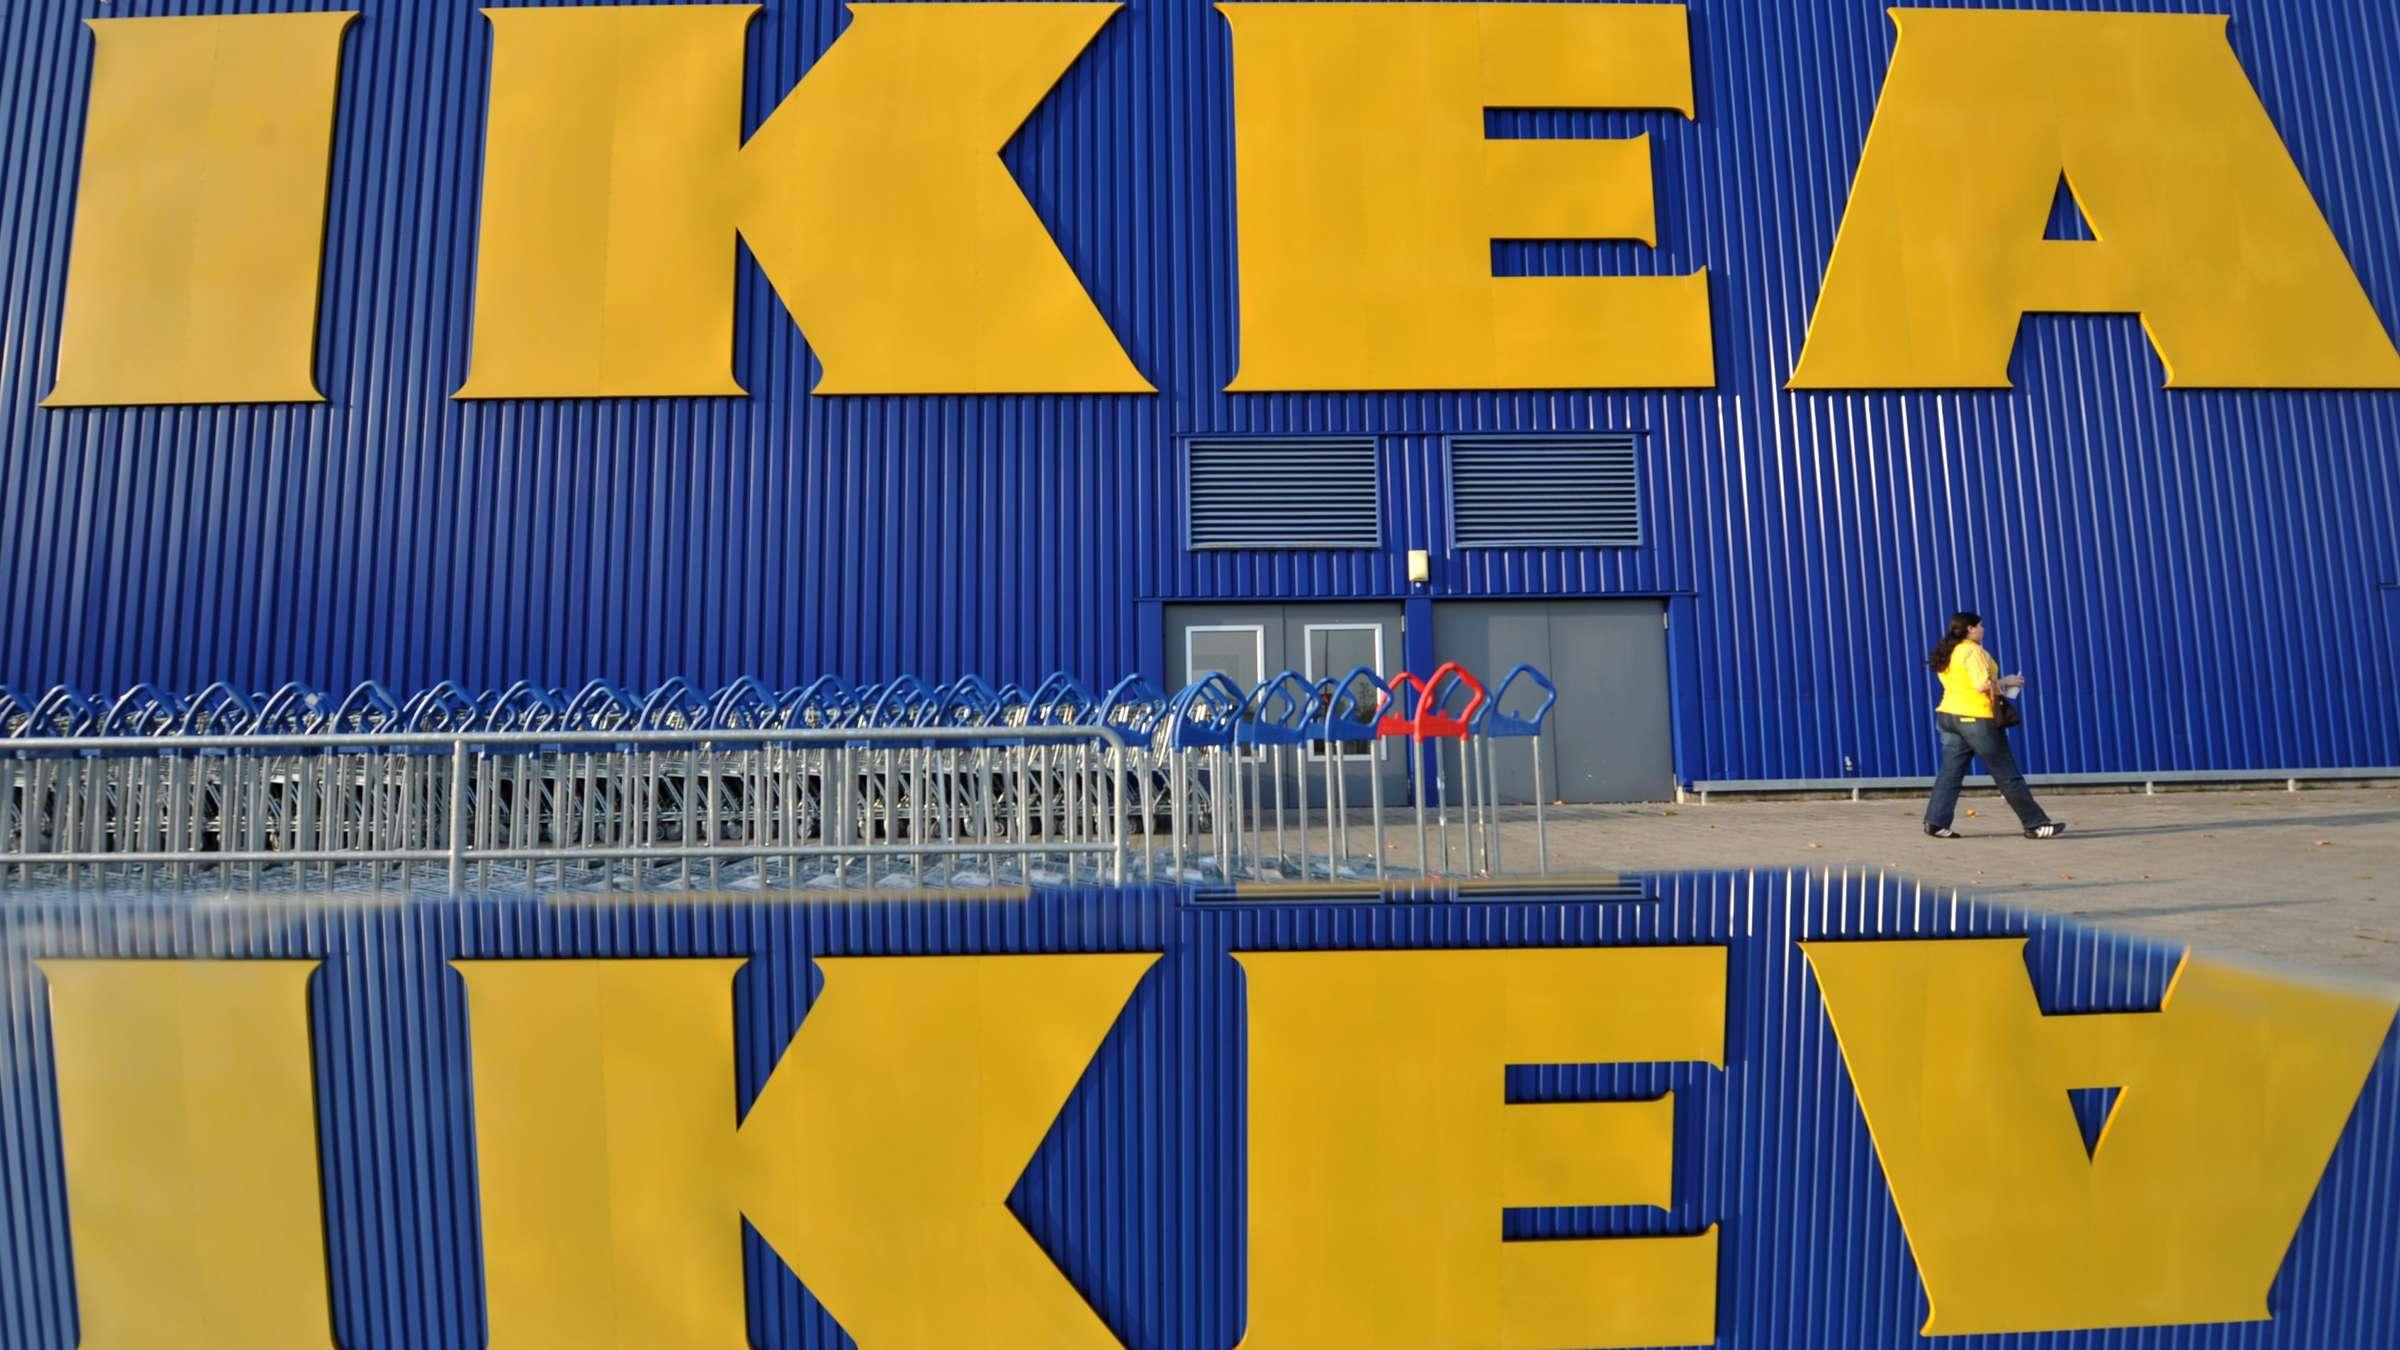 Full Size of Ikea Rollwagen Verrckte Erlebnisse Im Schwedischen Mbelhaus Welt Betten 160x200 Küche Kaufen Bad Modulküche Bei Kosten Sofa Mit Schlaffunktion Miniküche Wohnzimmer Ikea Rollwagen